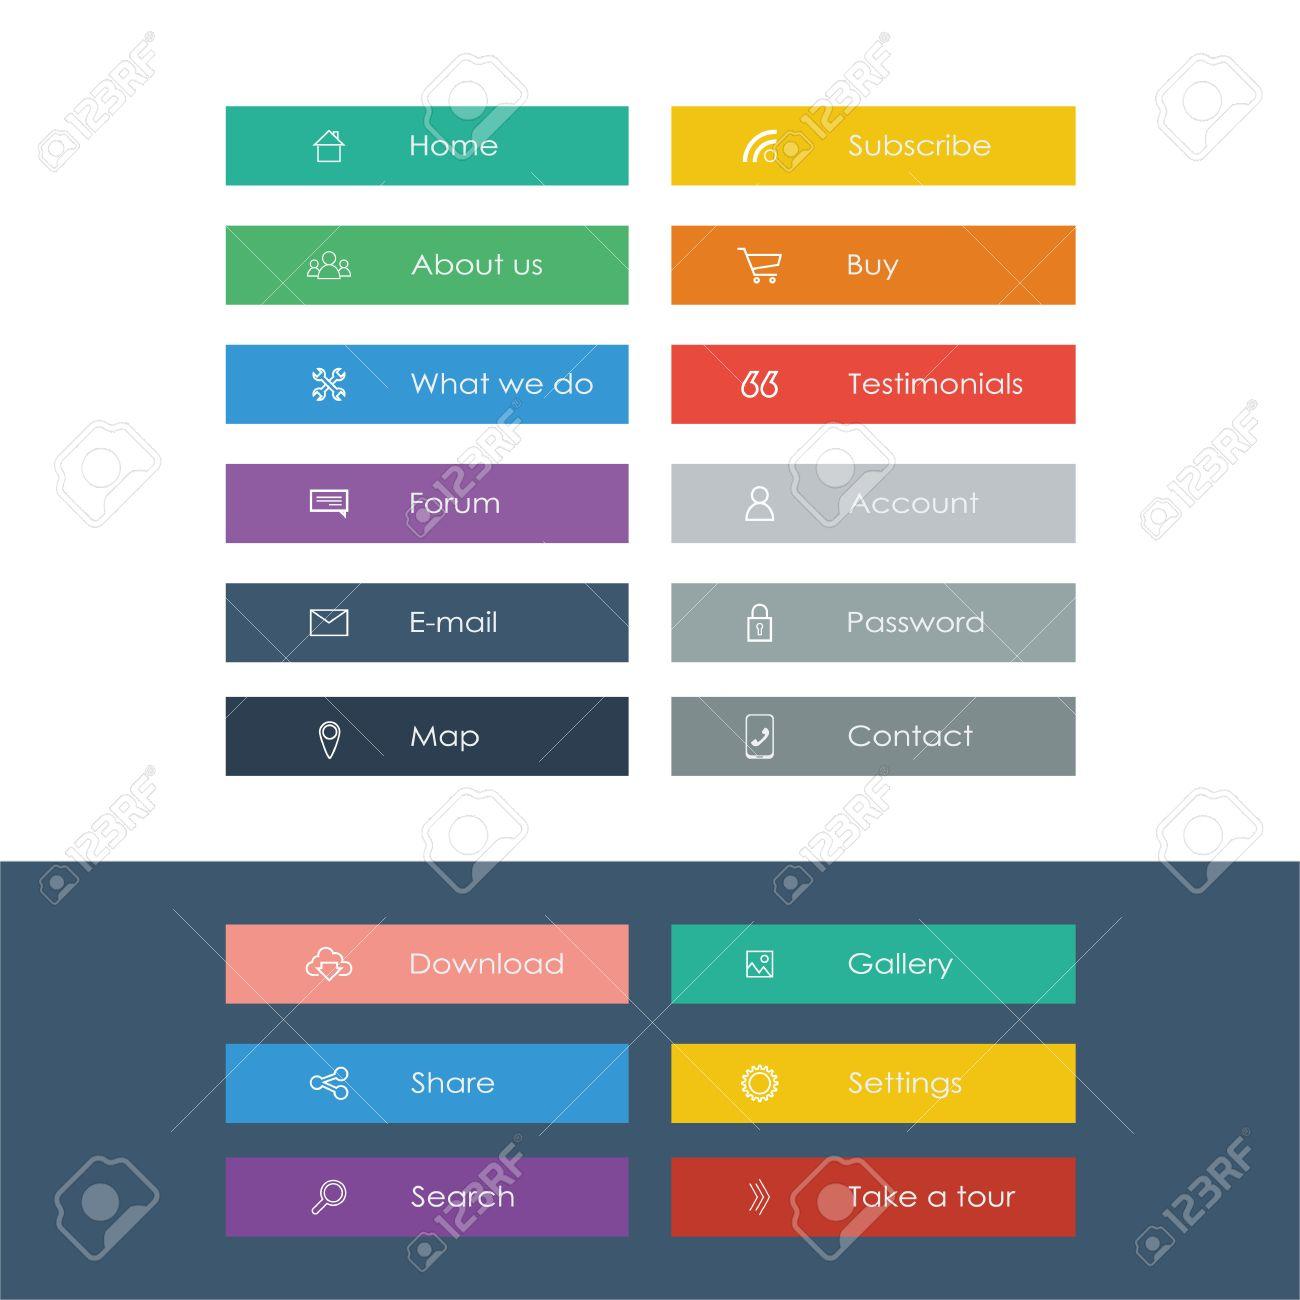 conjunto de iconos del diseño planas en las barras de colores para